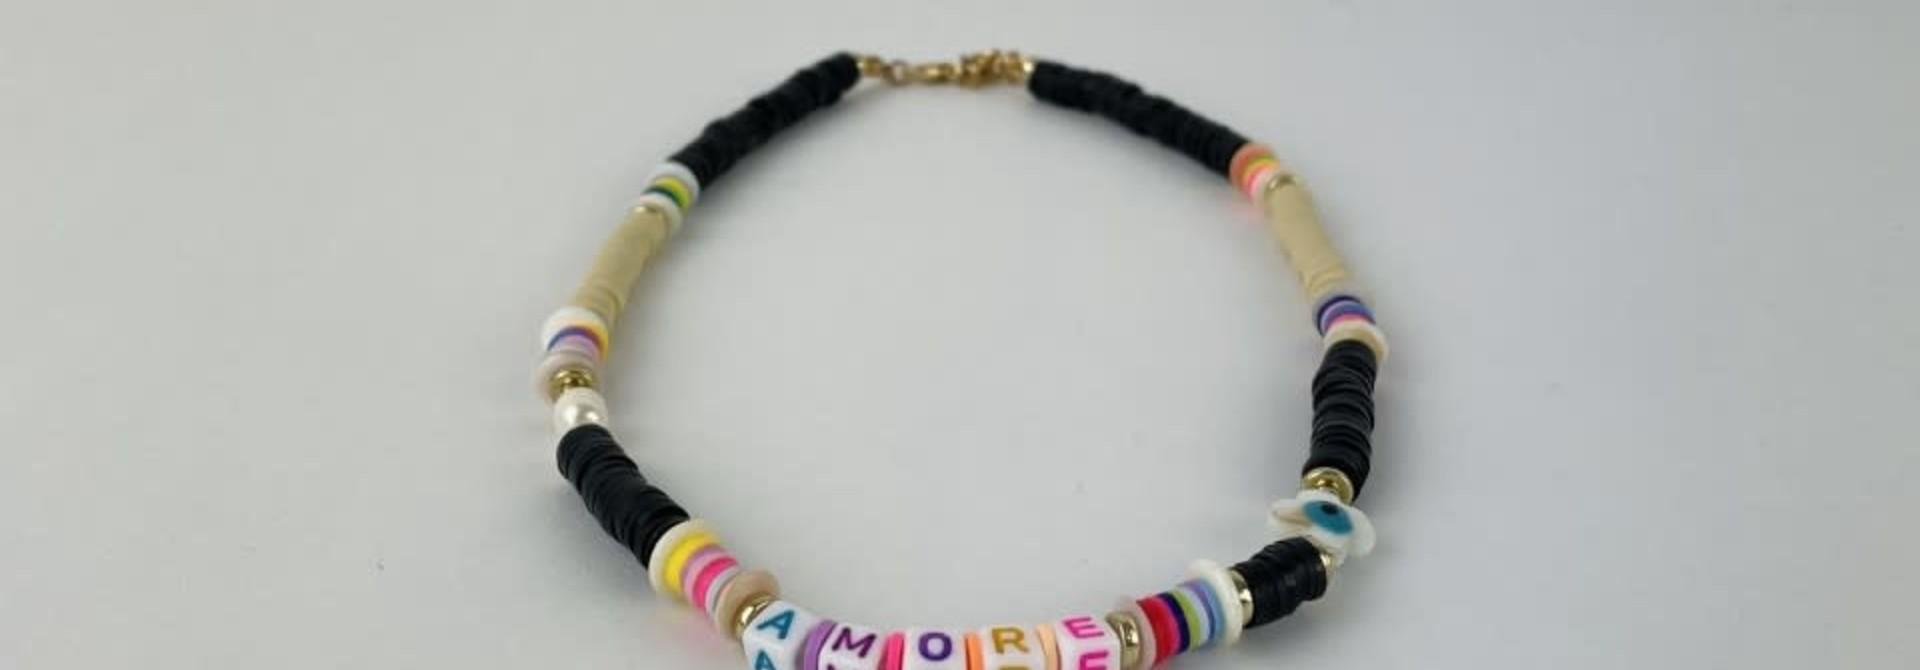 Rubberia fantasy necklace Black